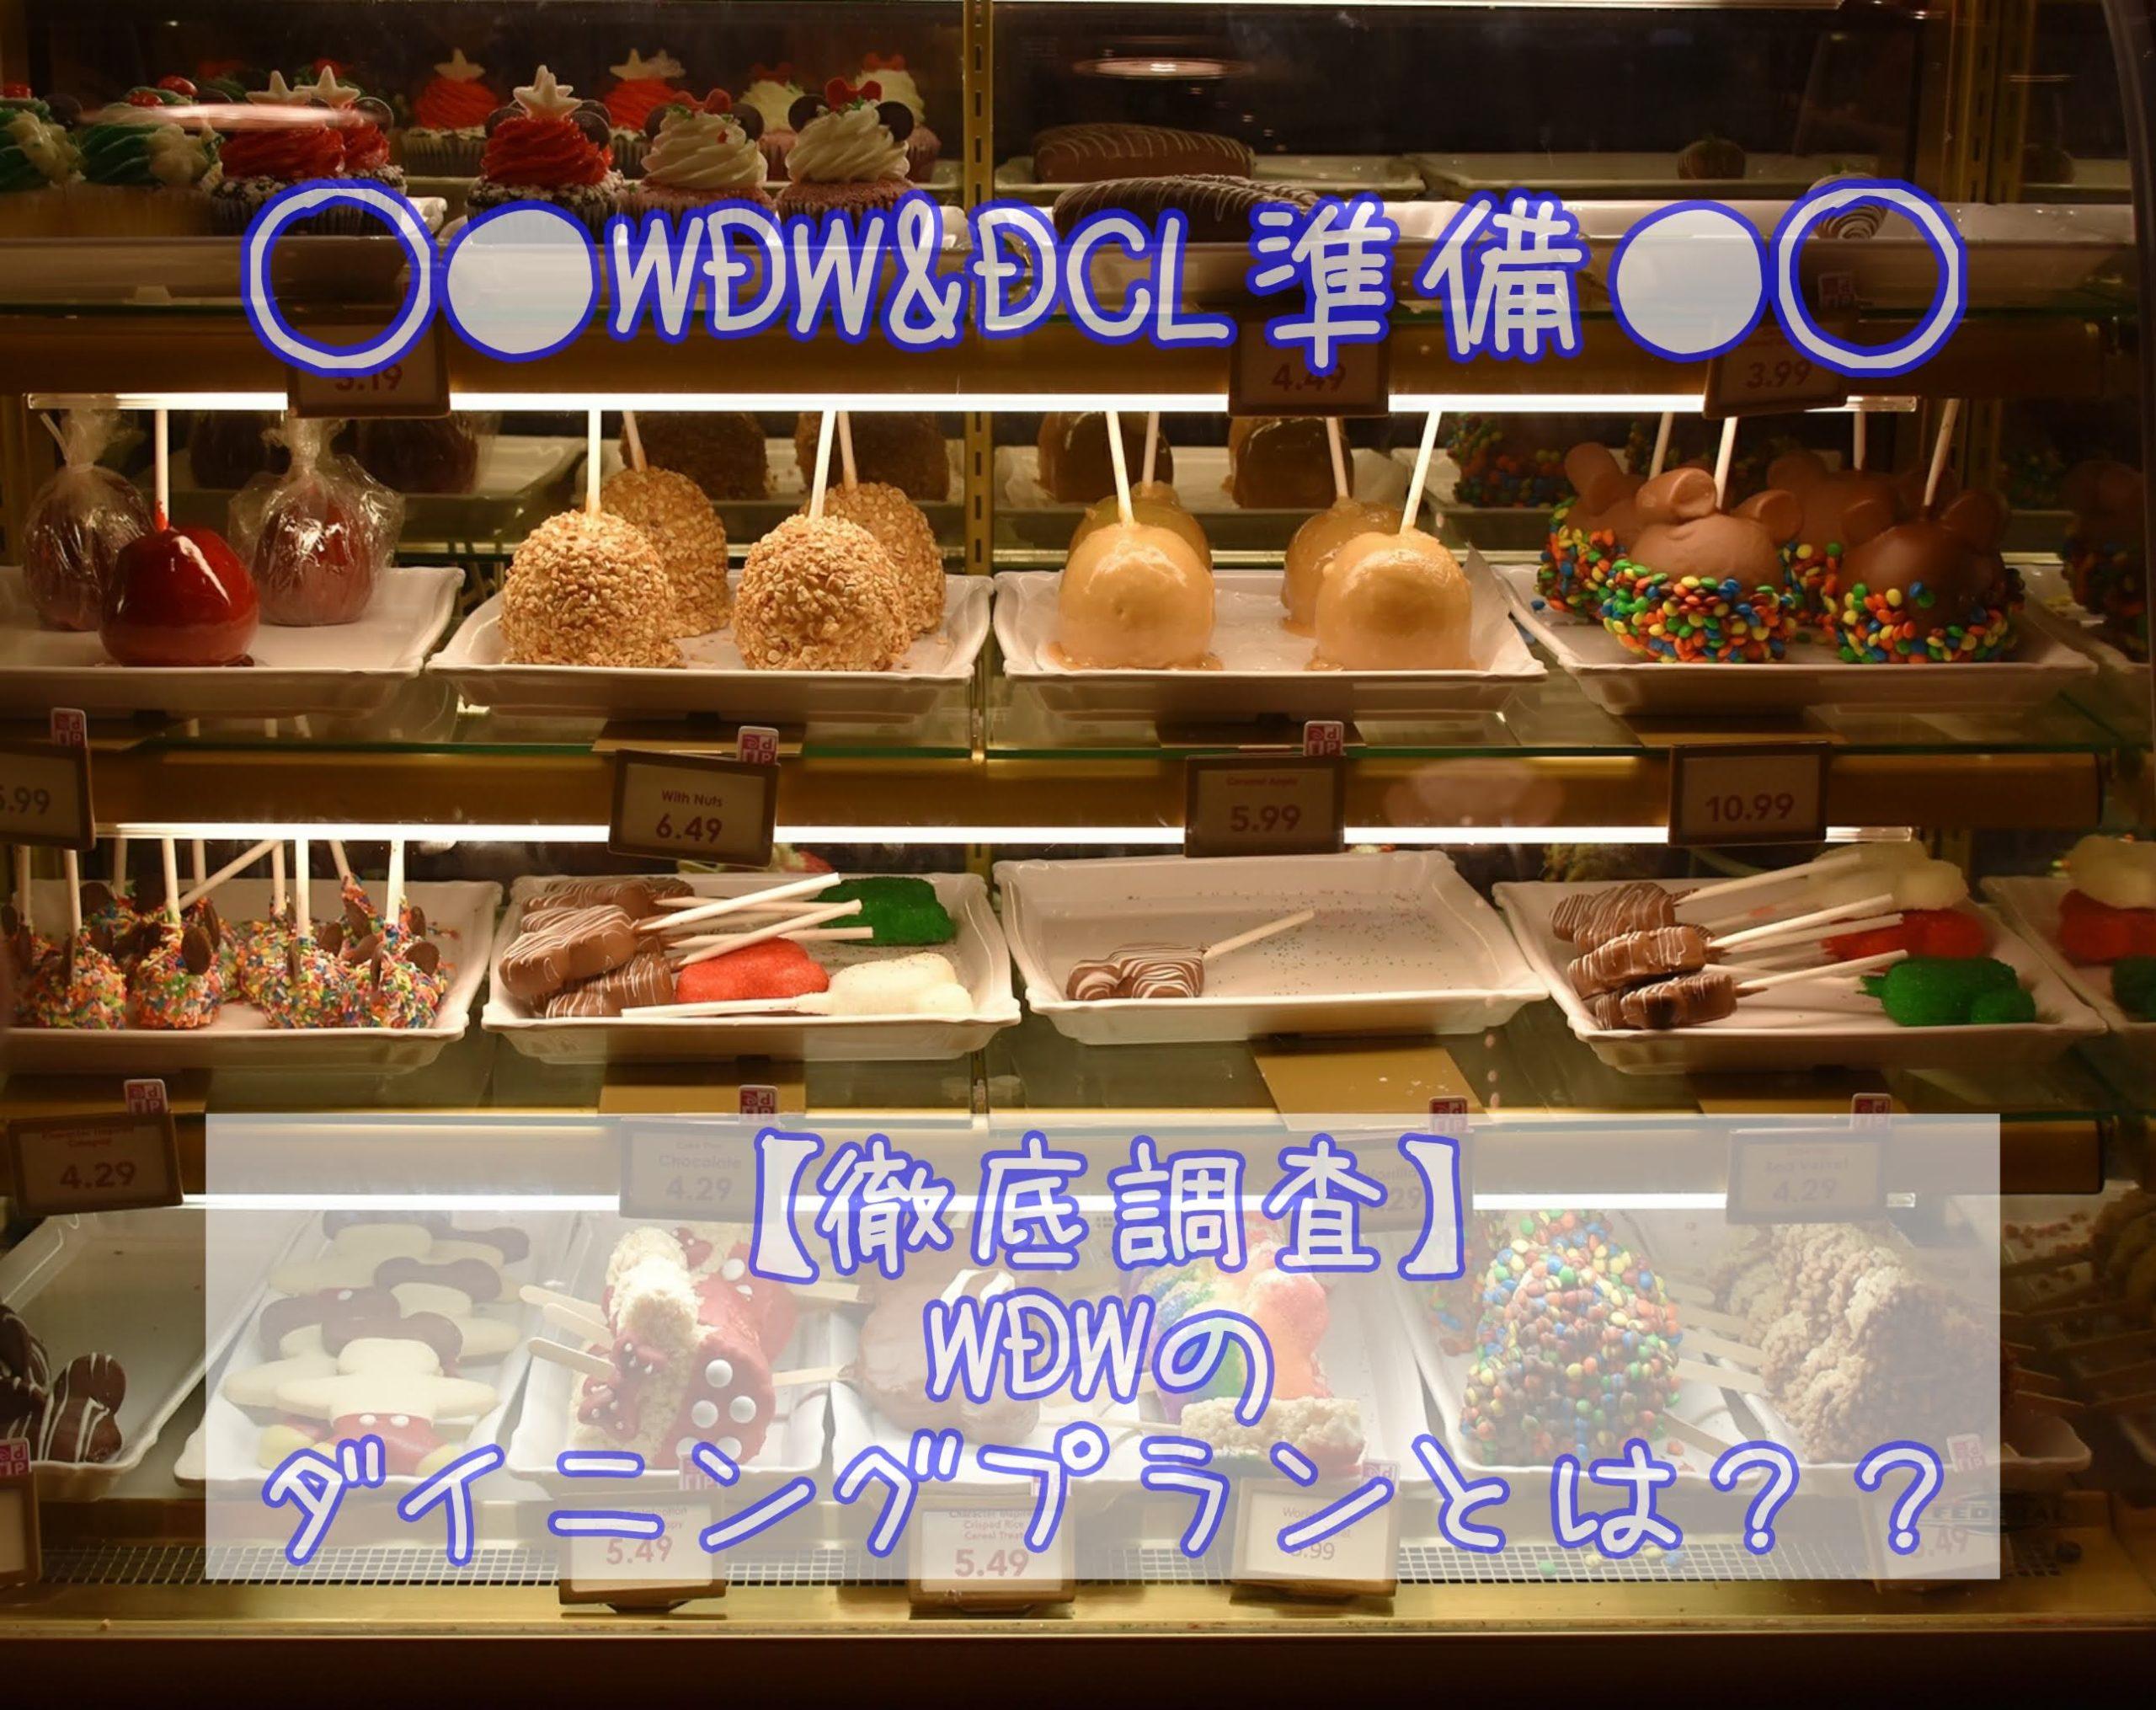 [WDW&DCL準備⑰]【徹底調査】WDWのダイニングプランとは?少しでもお食事代を安くしたい人にオススメ 注意点や内容、価格を写真付きで詳しく説明します